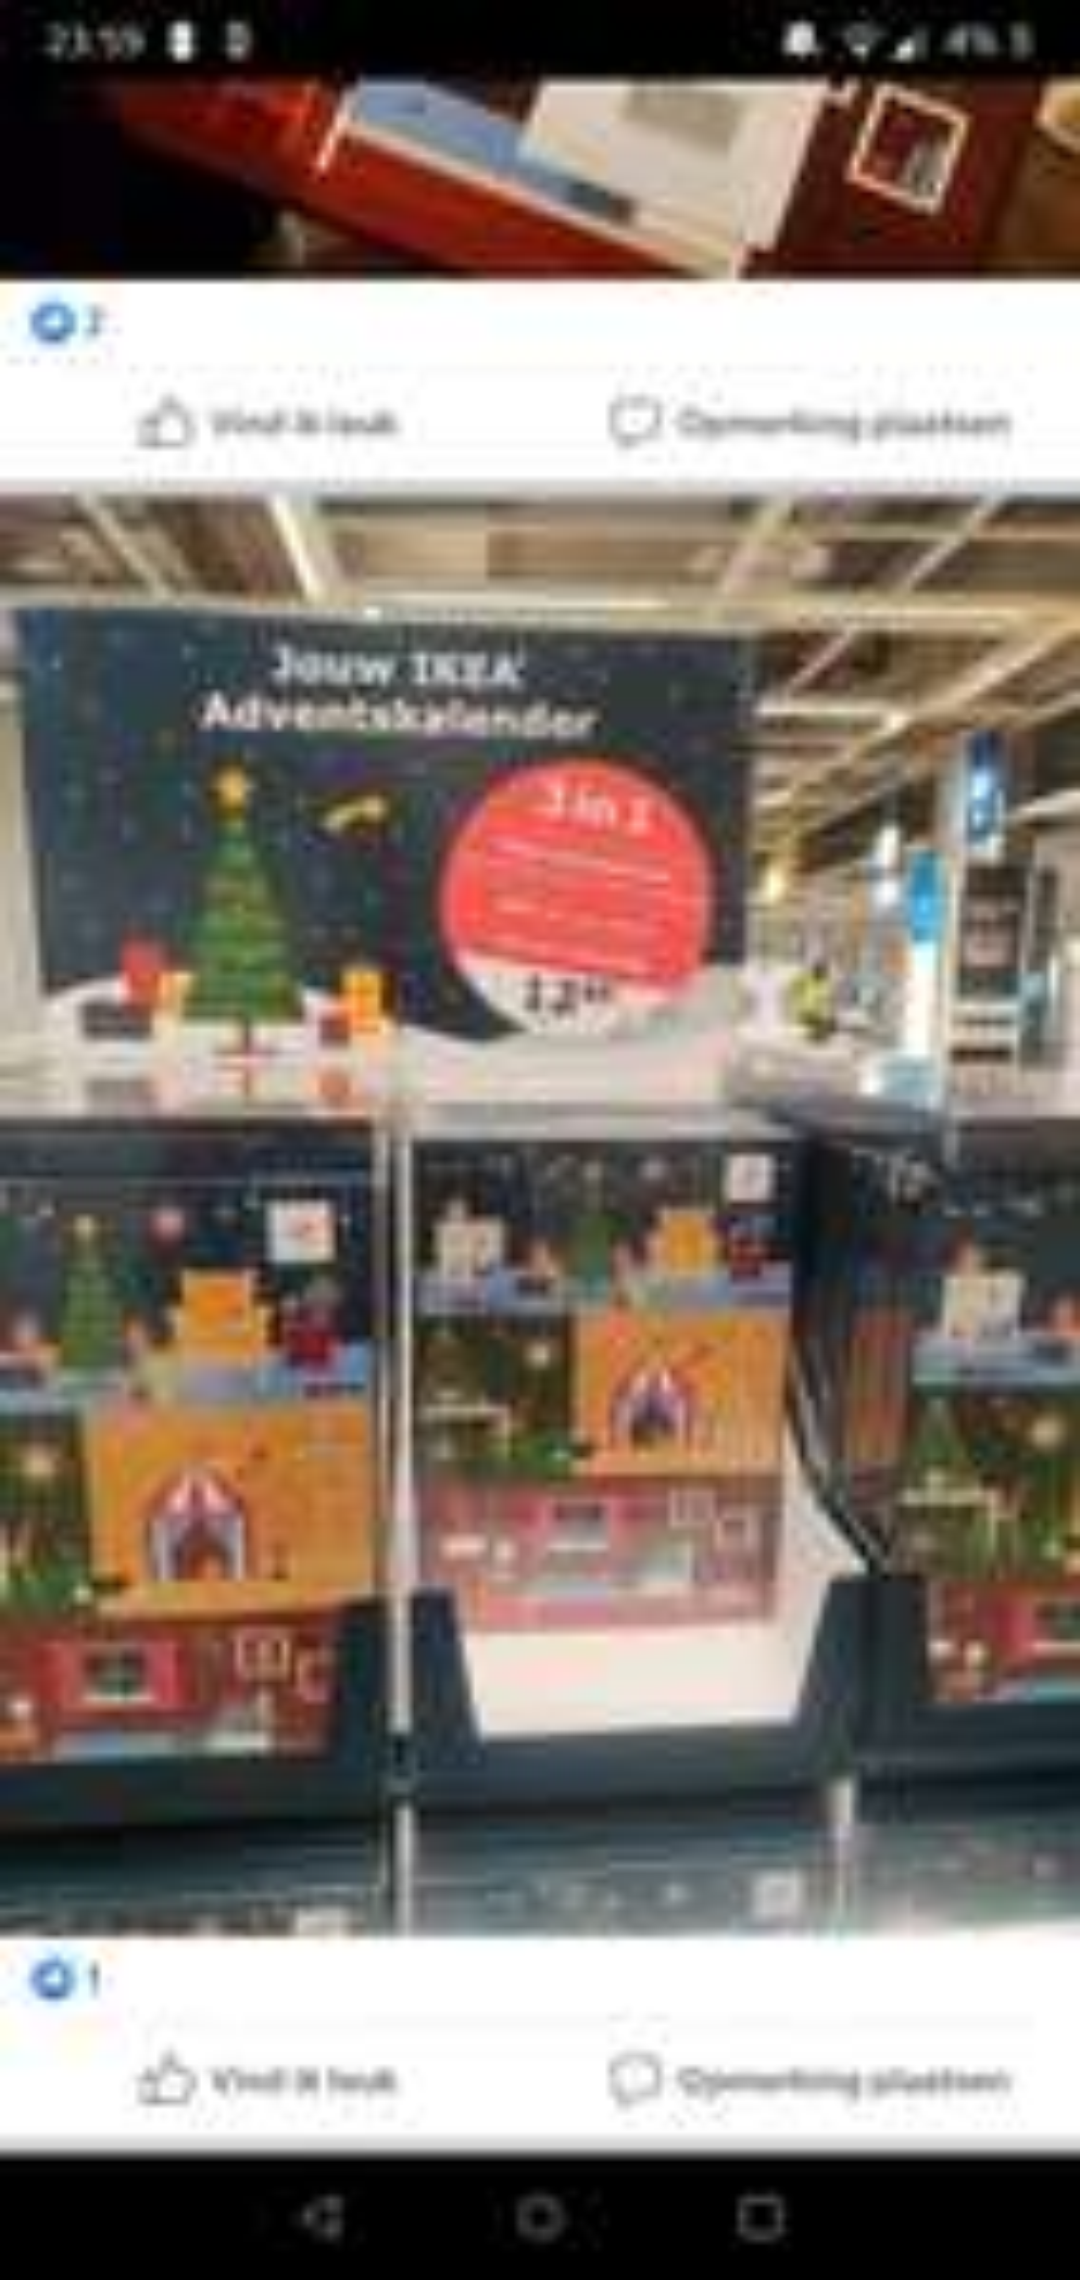 ]Grensdeal] -50% Adventkalenders in Ikea Gent